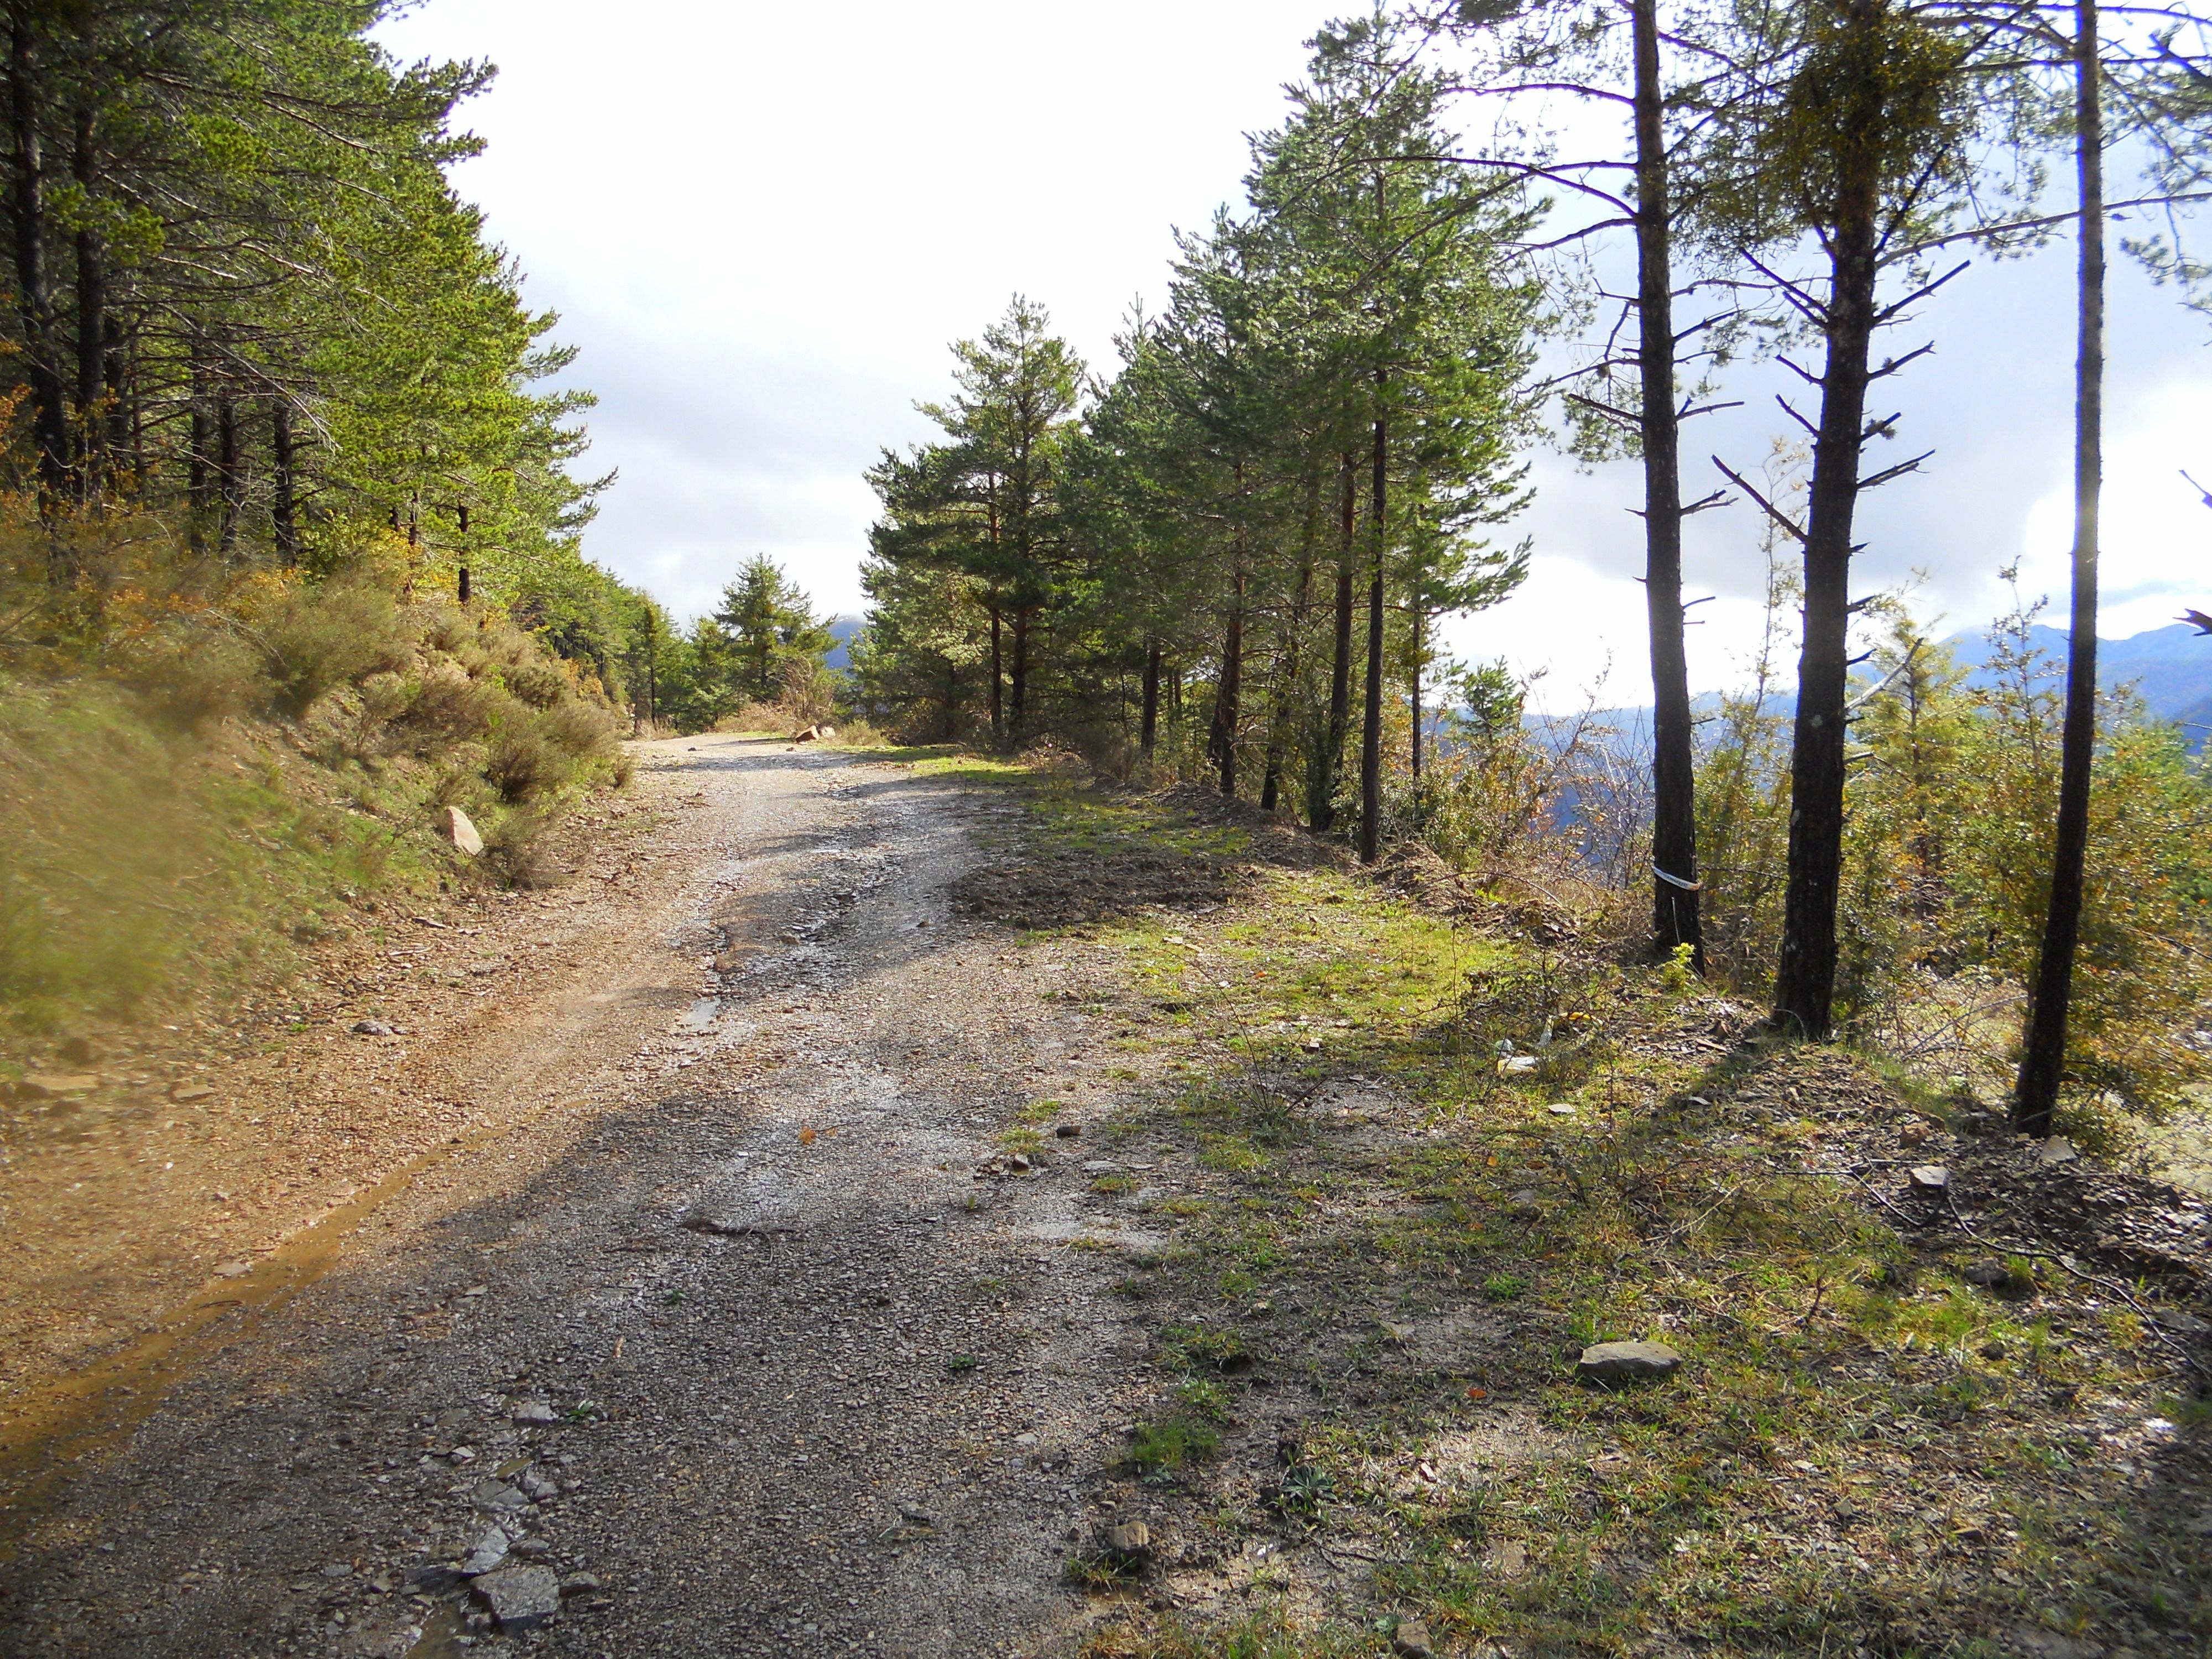 El sendero enlaza con una pista, por la que seguimos ascendiendo